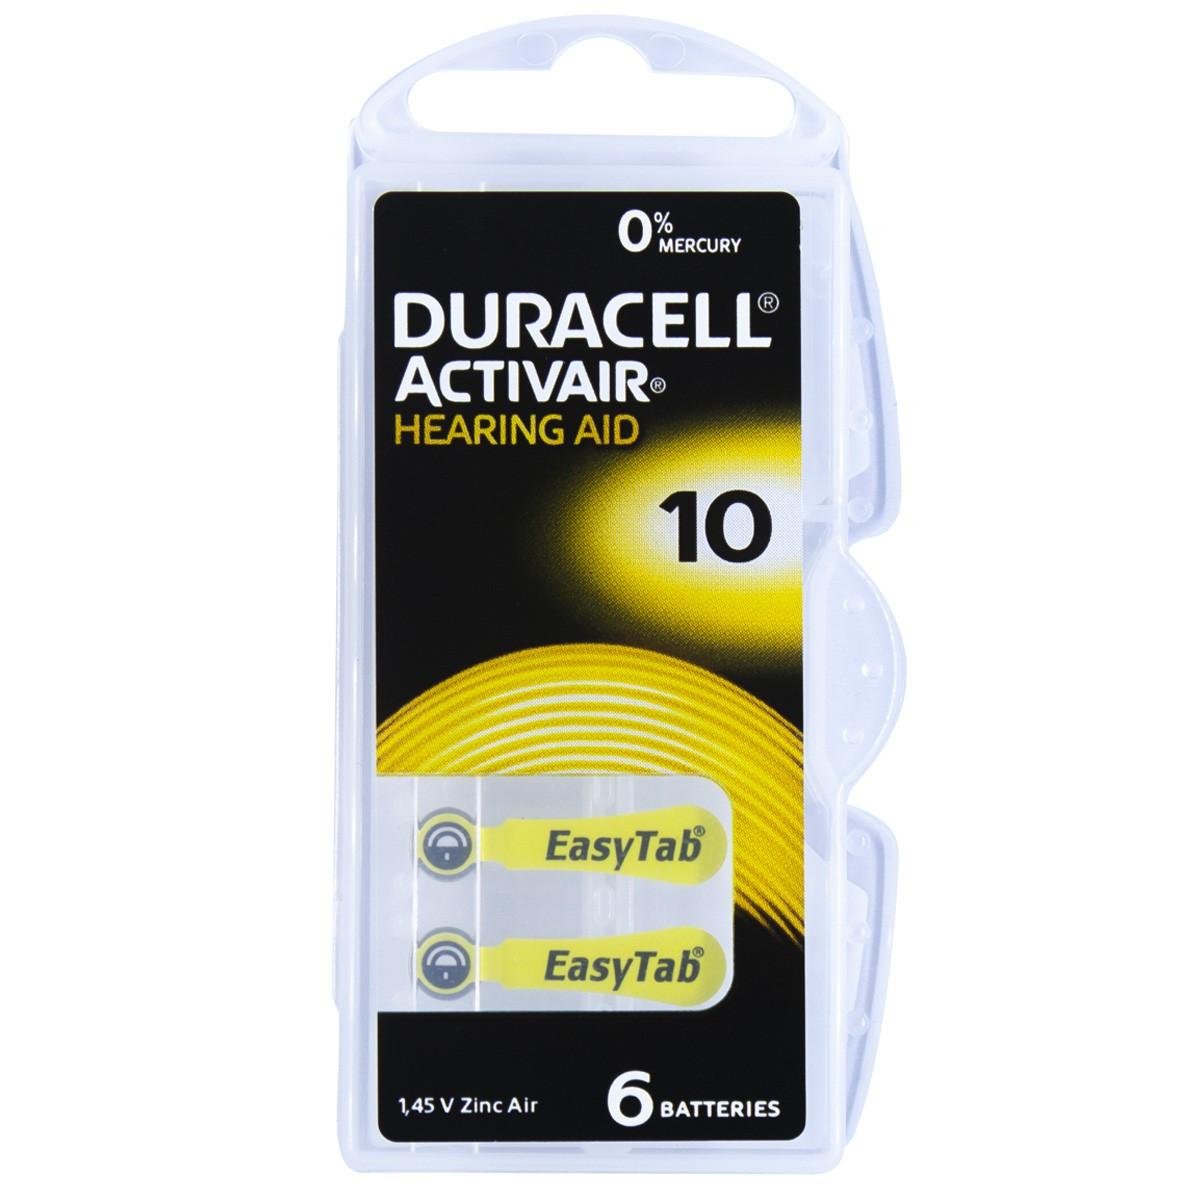 24 Pilhas DA10 DURACELL baterias PR70 Aparelho auditivo